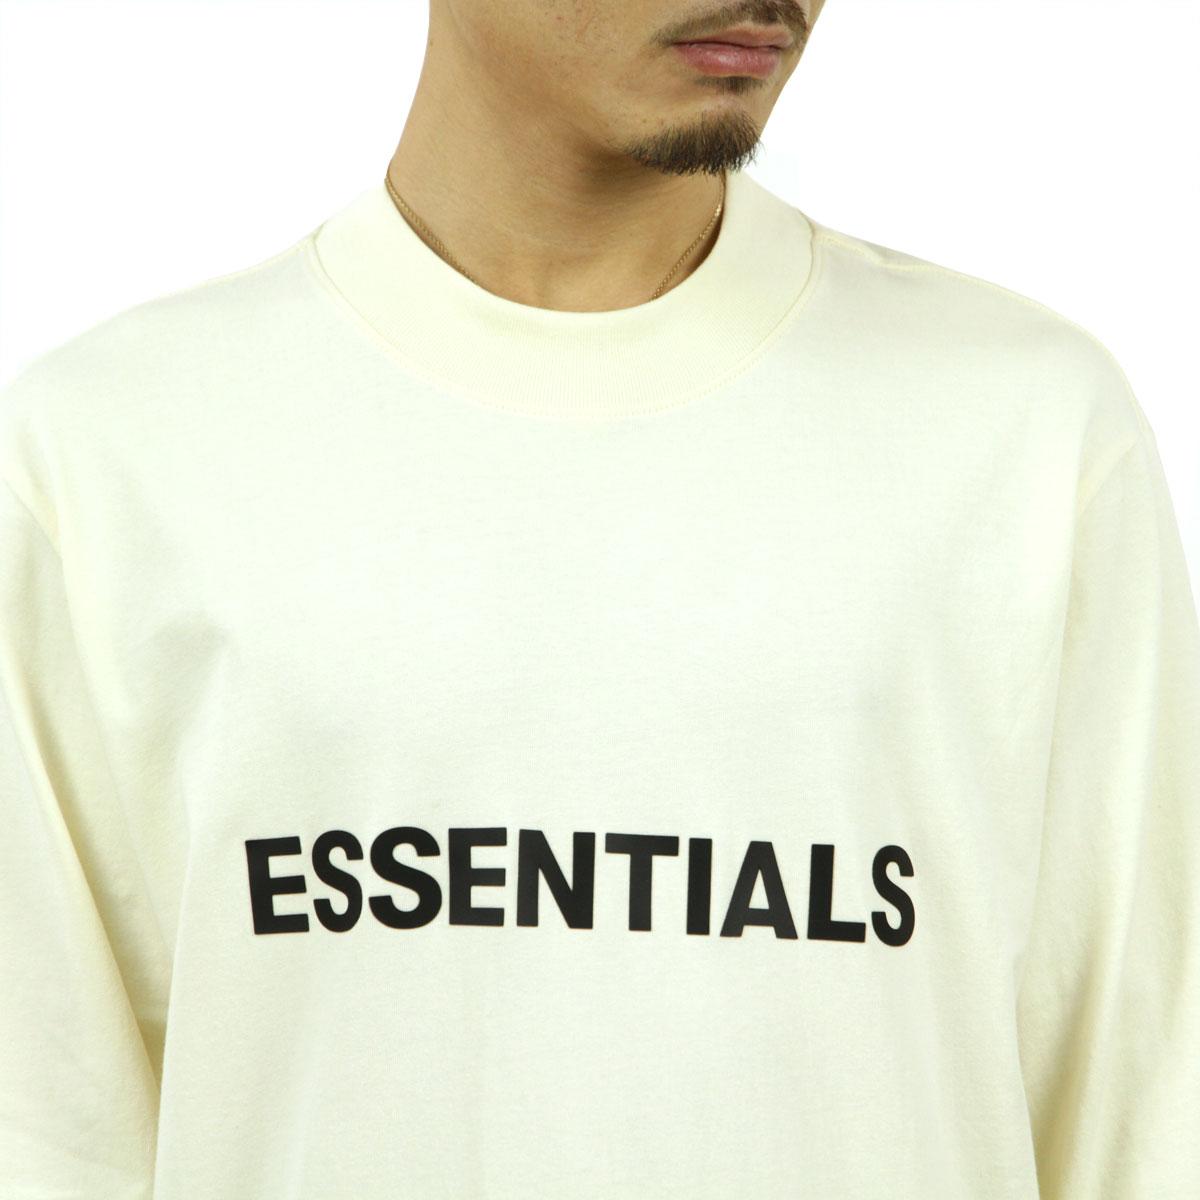 フィアオブゴッド Tシャツ メンズ 正規品 FEAR OF GOD エッセンシャルズ 長袖Tシャツ ロゴ クルーネック FOG - FEAR OF GOD ESSENTIALS LONG SLEEVE CREAM AA5B B1C C1D D2E E18F ホワイトデー 2021 ラッピング無料